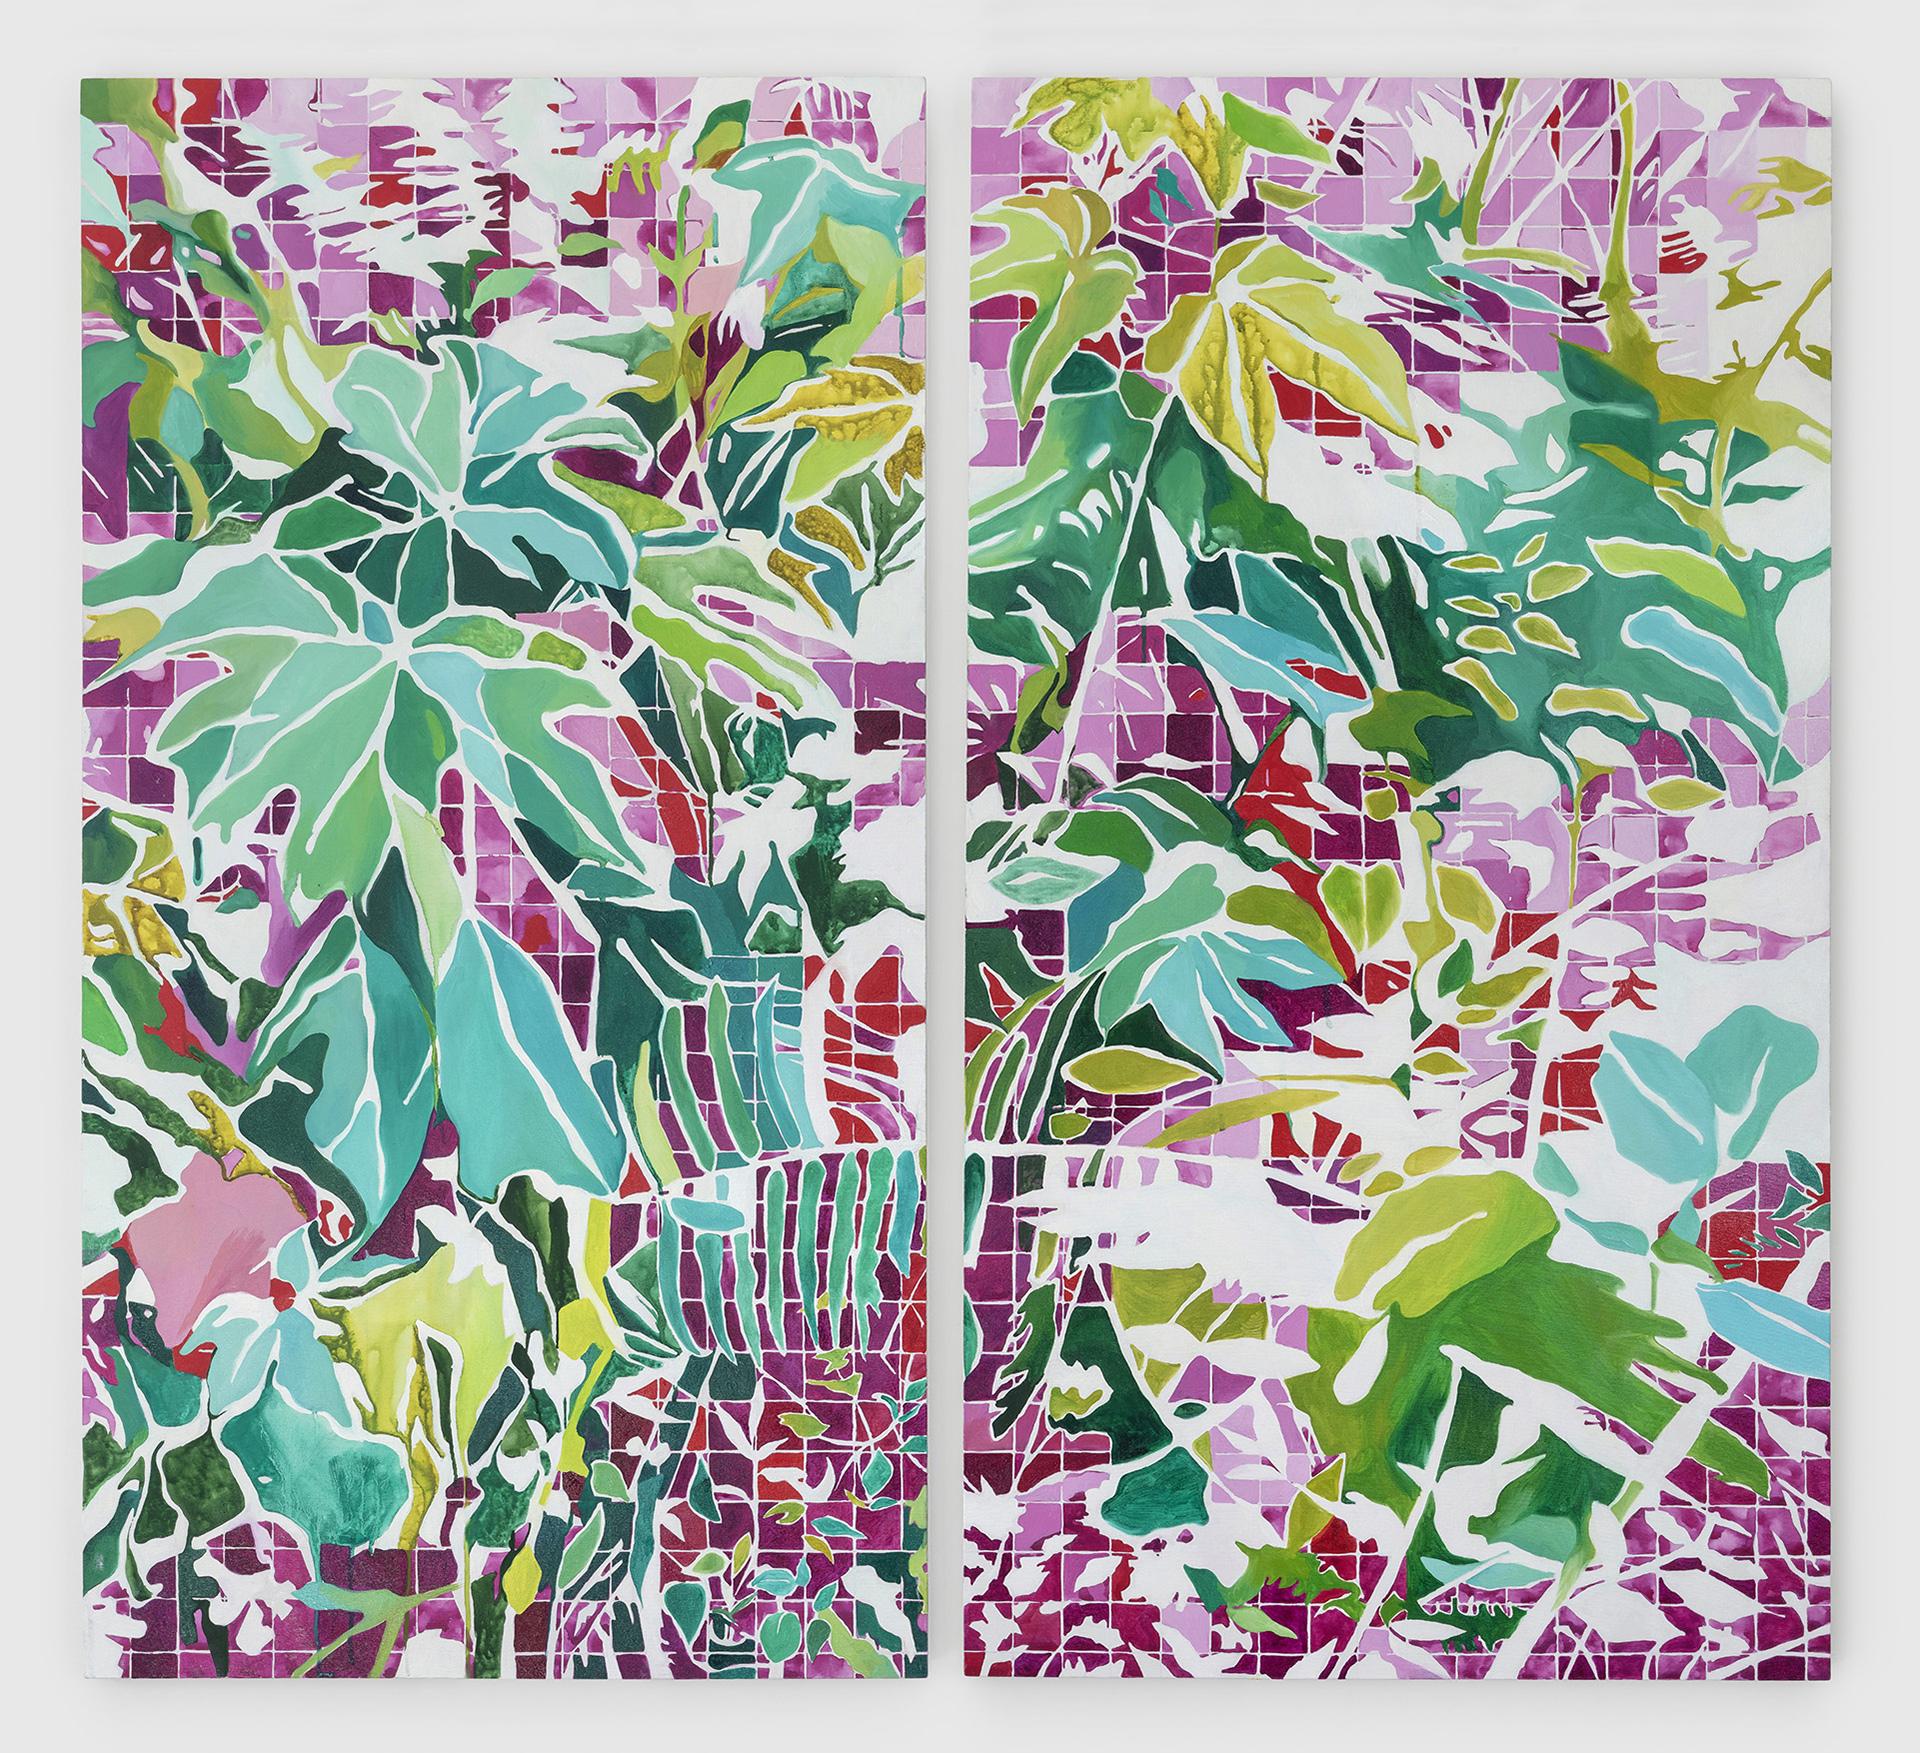 Curas das florEs internas (2019)<br>AcrÍLICA e óleo Sobre tela<br>120x120 cm